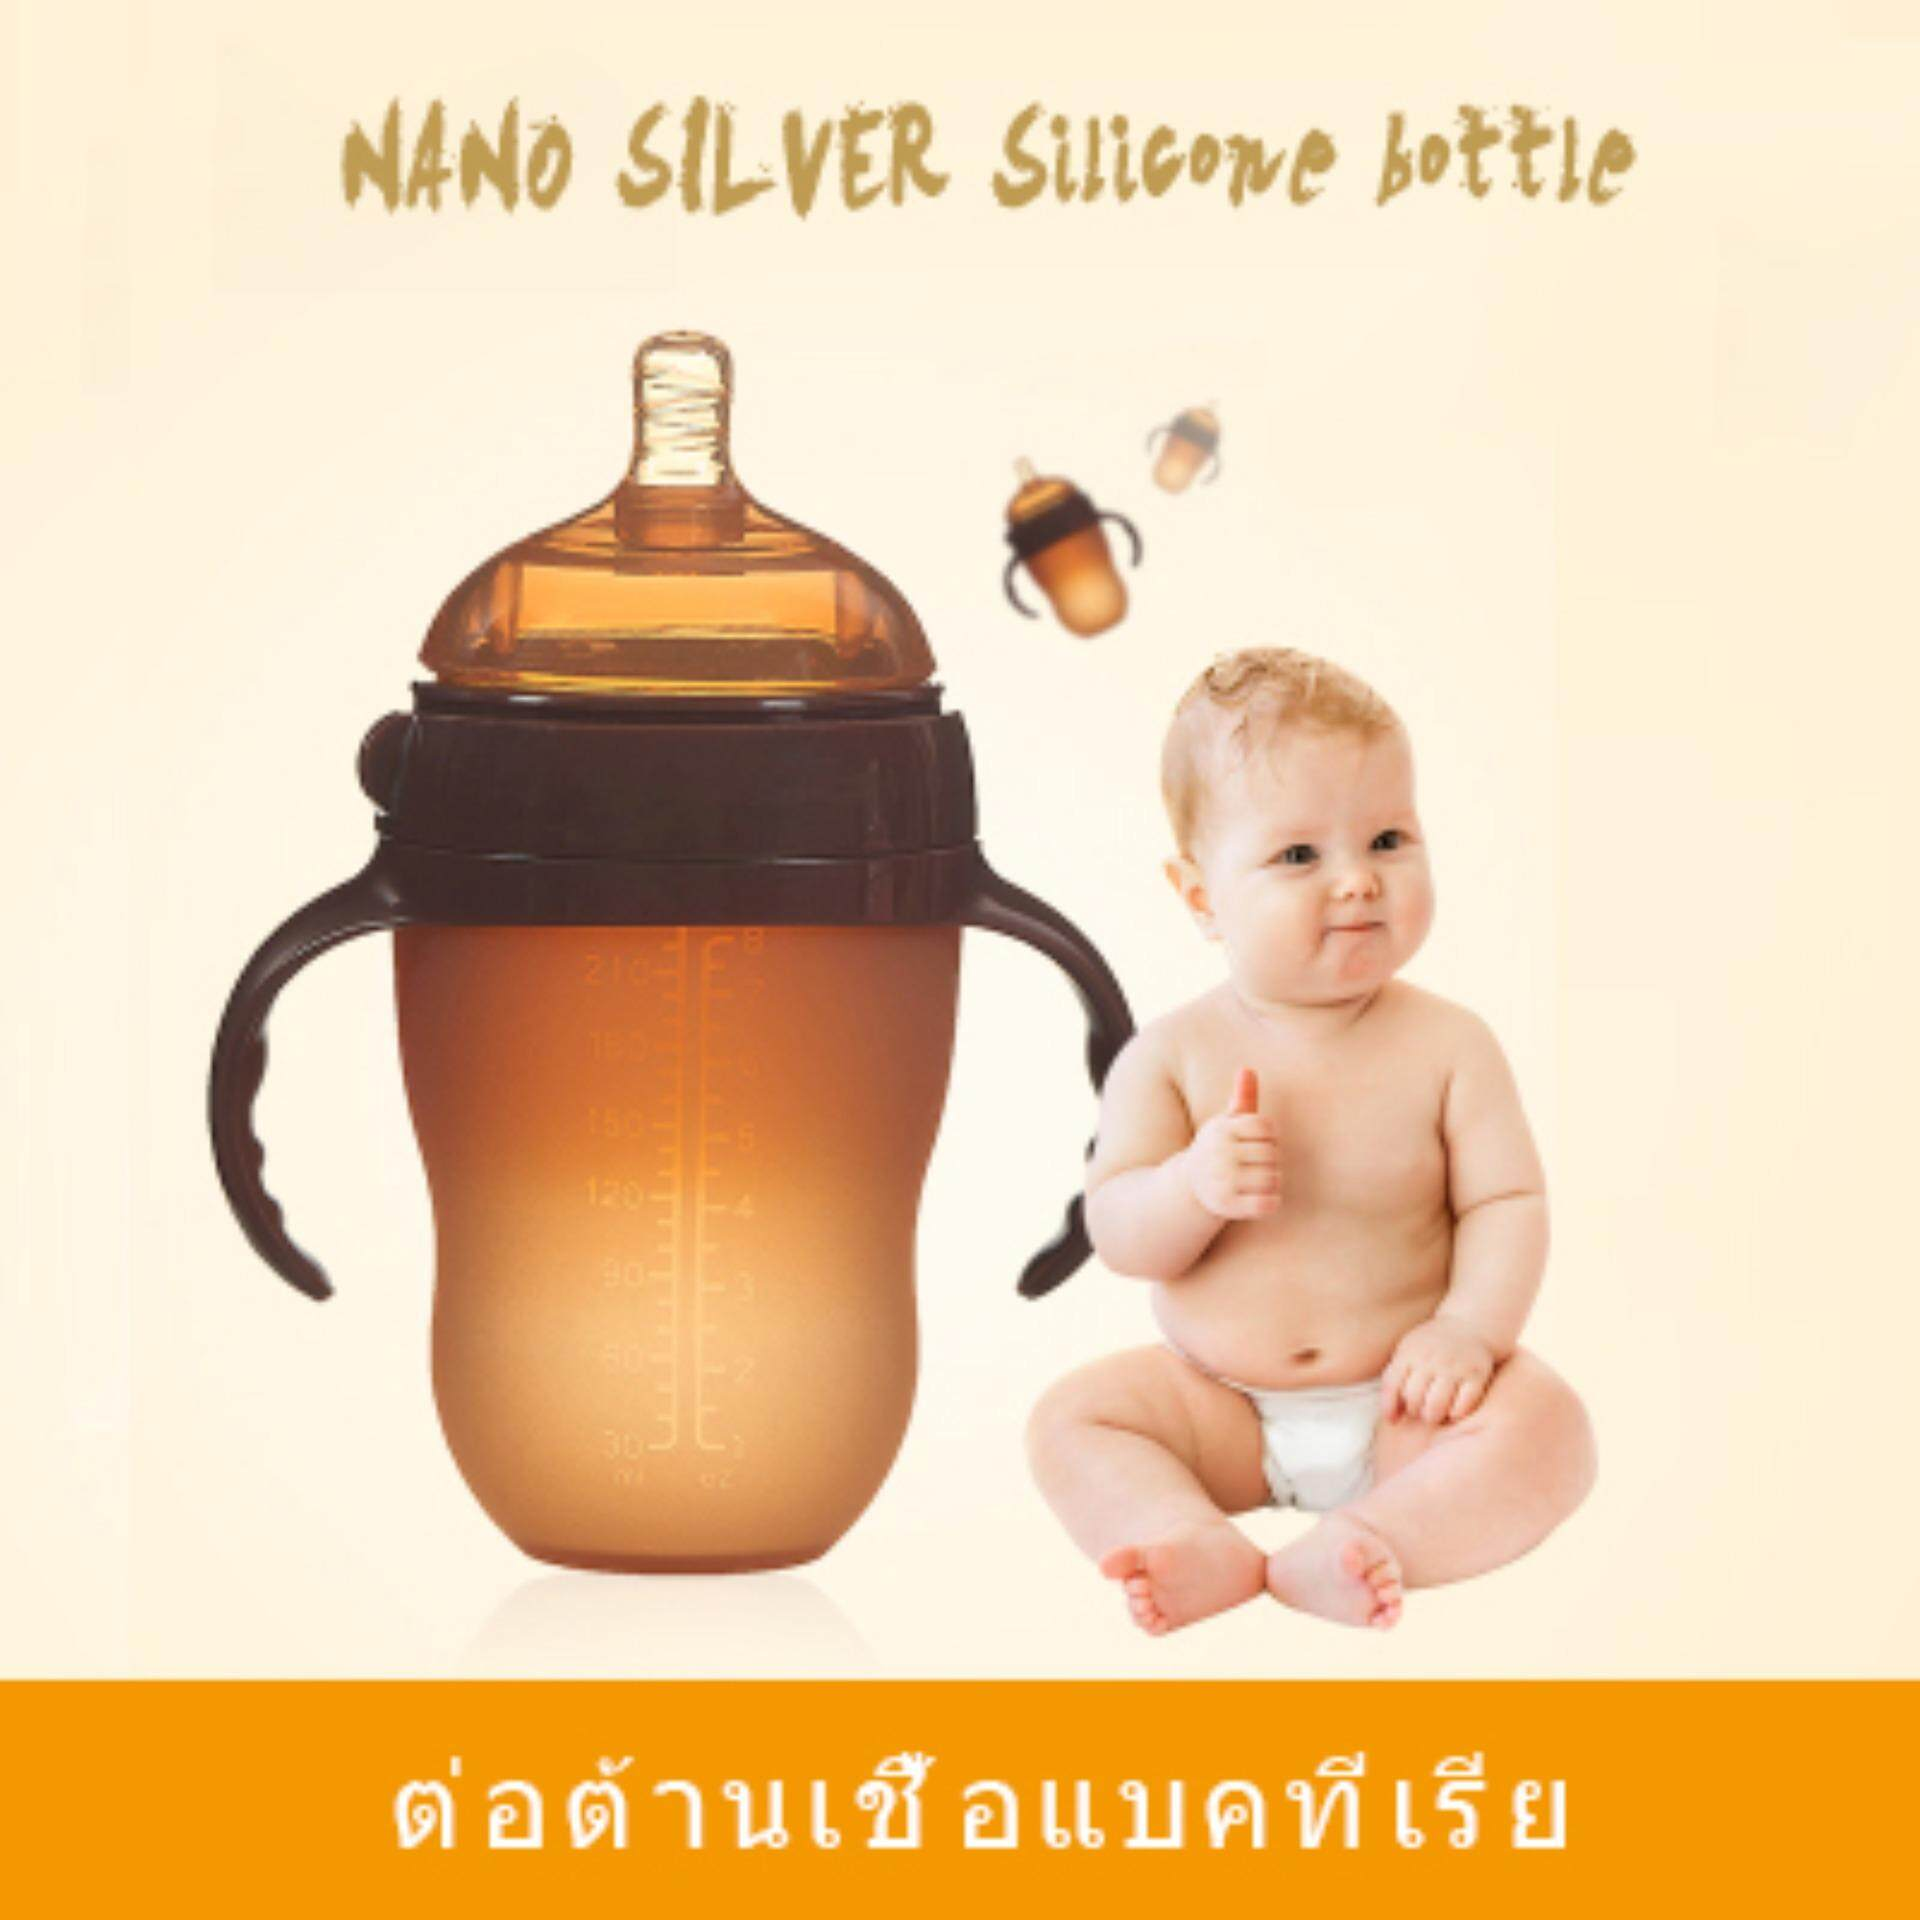 ราคา เด็กขวดนมพร้อมจุกนมซิลิโคน nano-silver Silicone ขวดนม PP 250 มล ทรงคอกว้าง พร้อมจุกนมเสมือนนมมารดา Baby Feeding Bottle